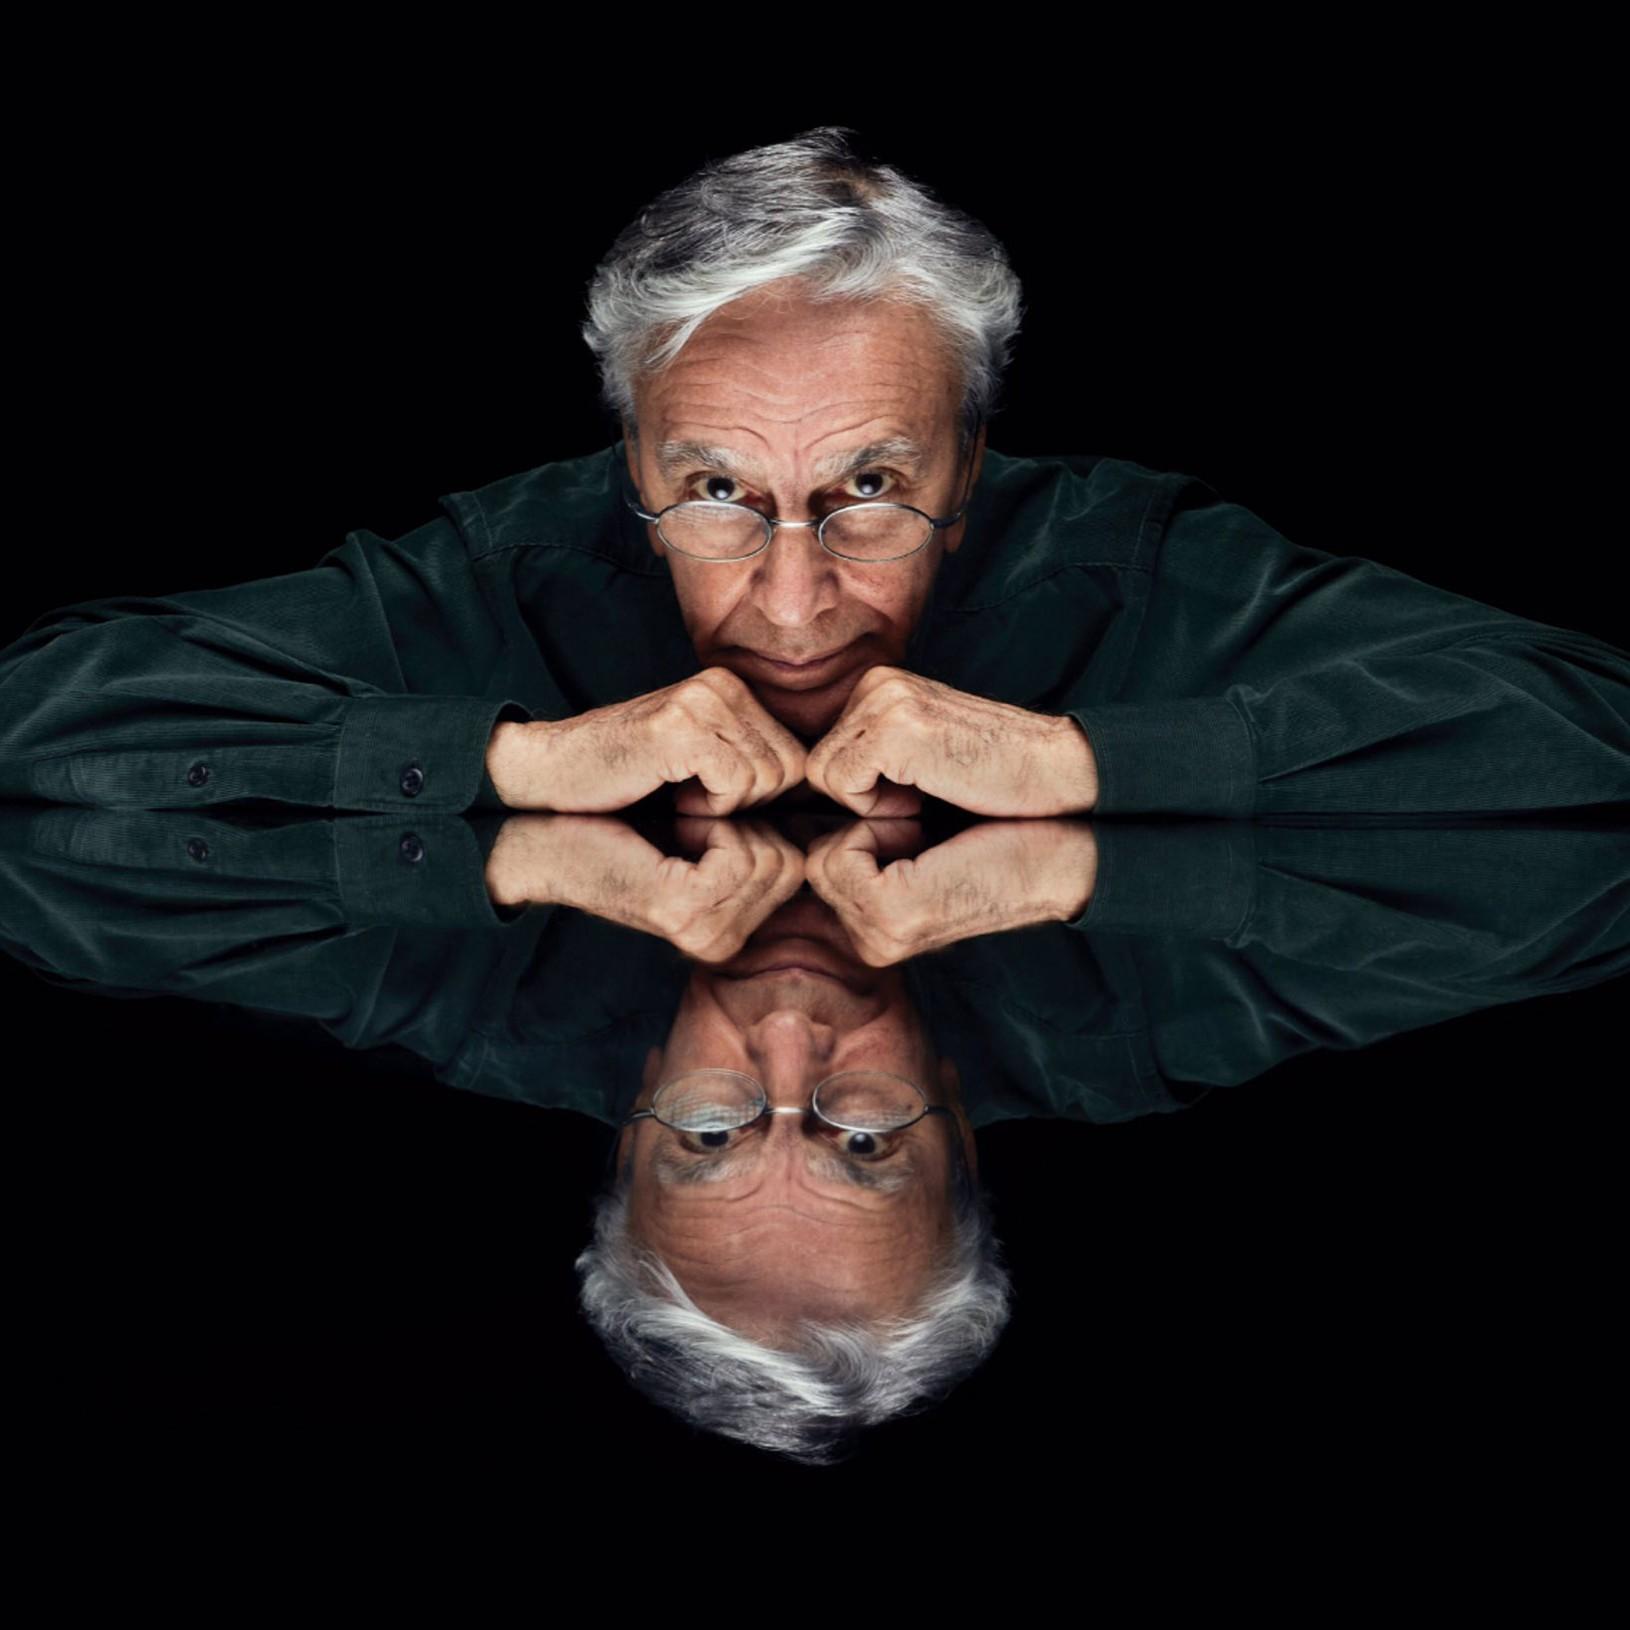 Em 'Anjos tronchos', Caetano Veloso aponta a arte como escape do malefício do Vale do Silício